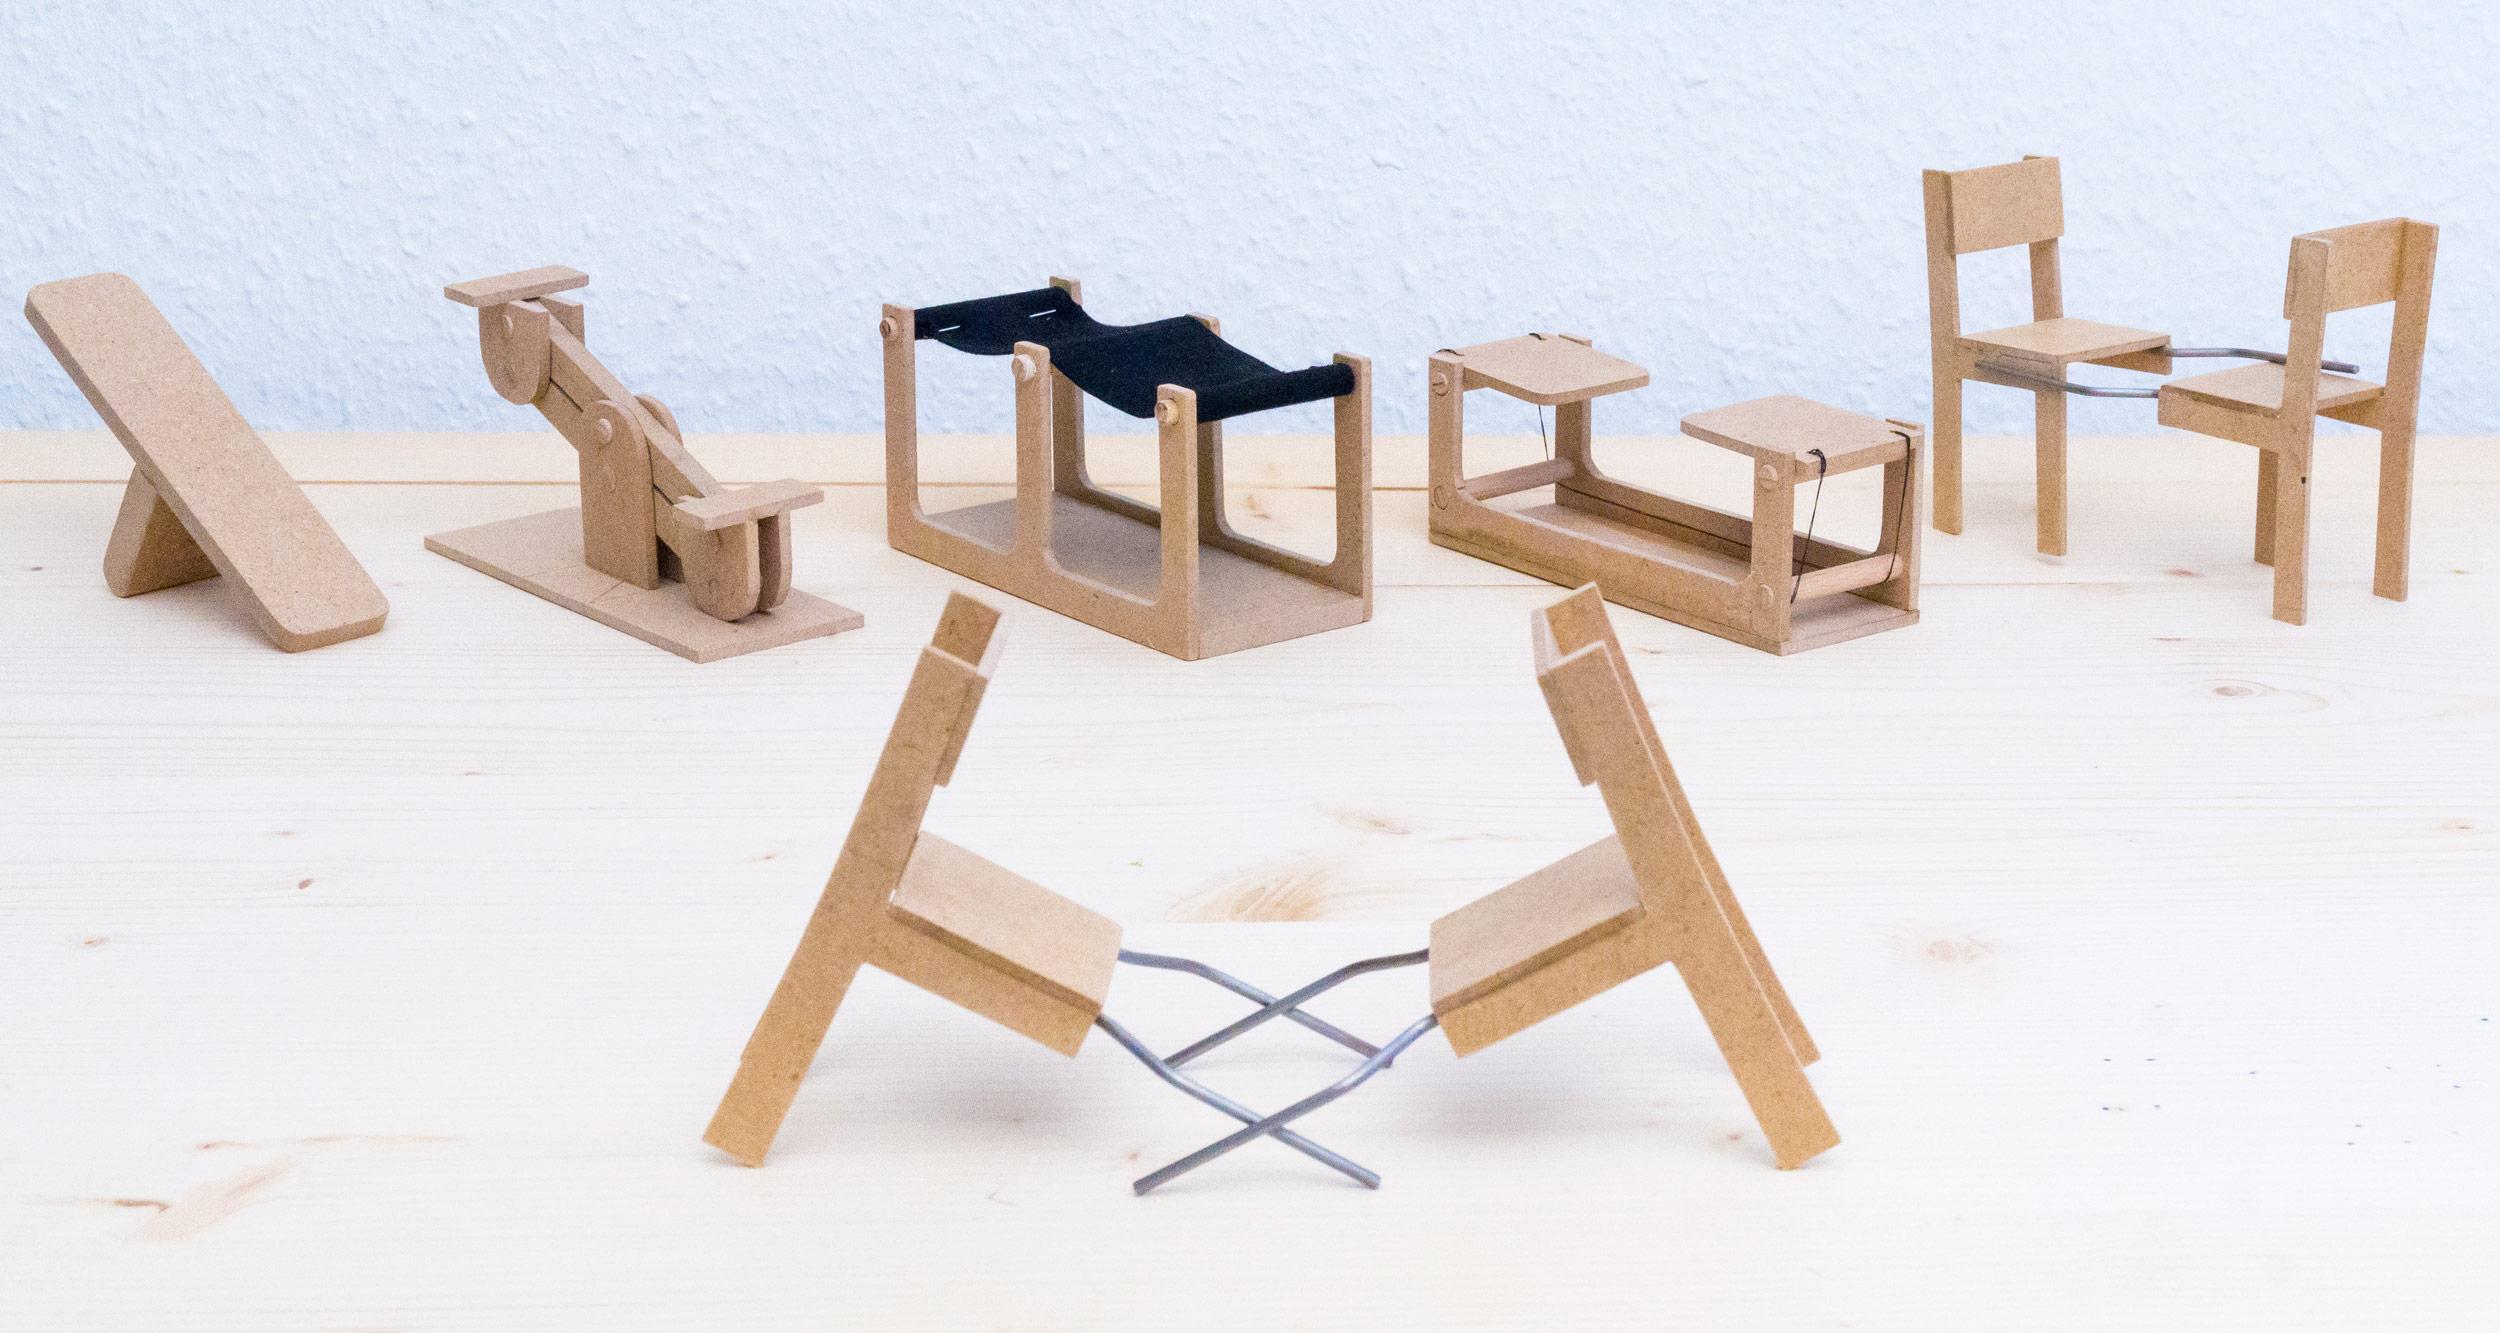 You-Me-&-Modularity-Process-2-Michael-Peel-Design.jpg